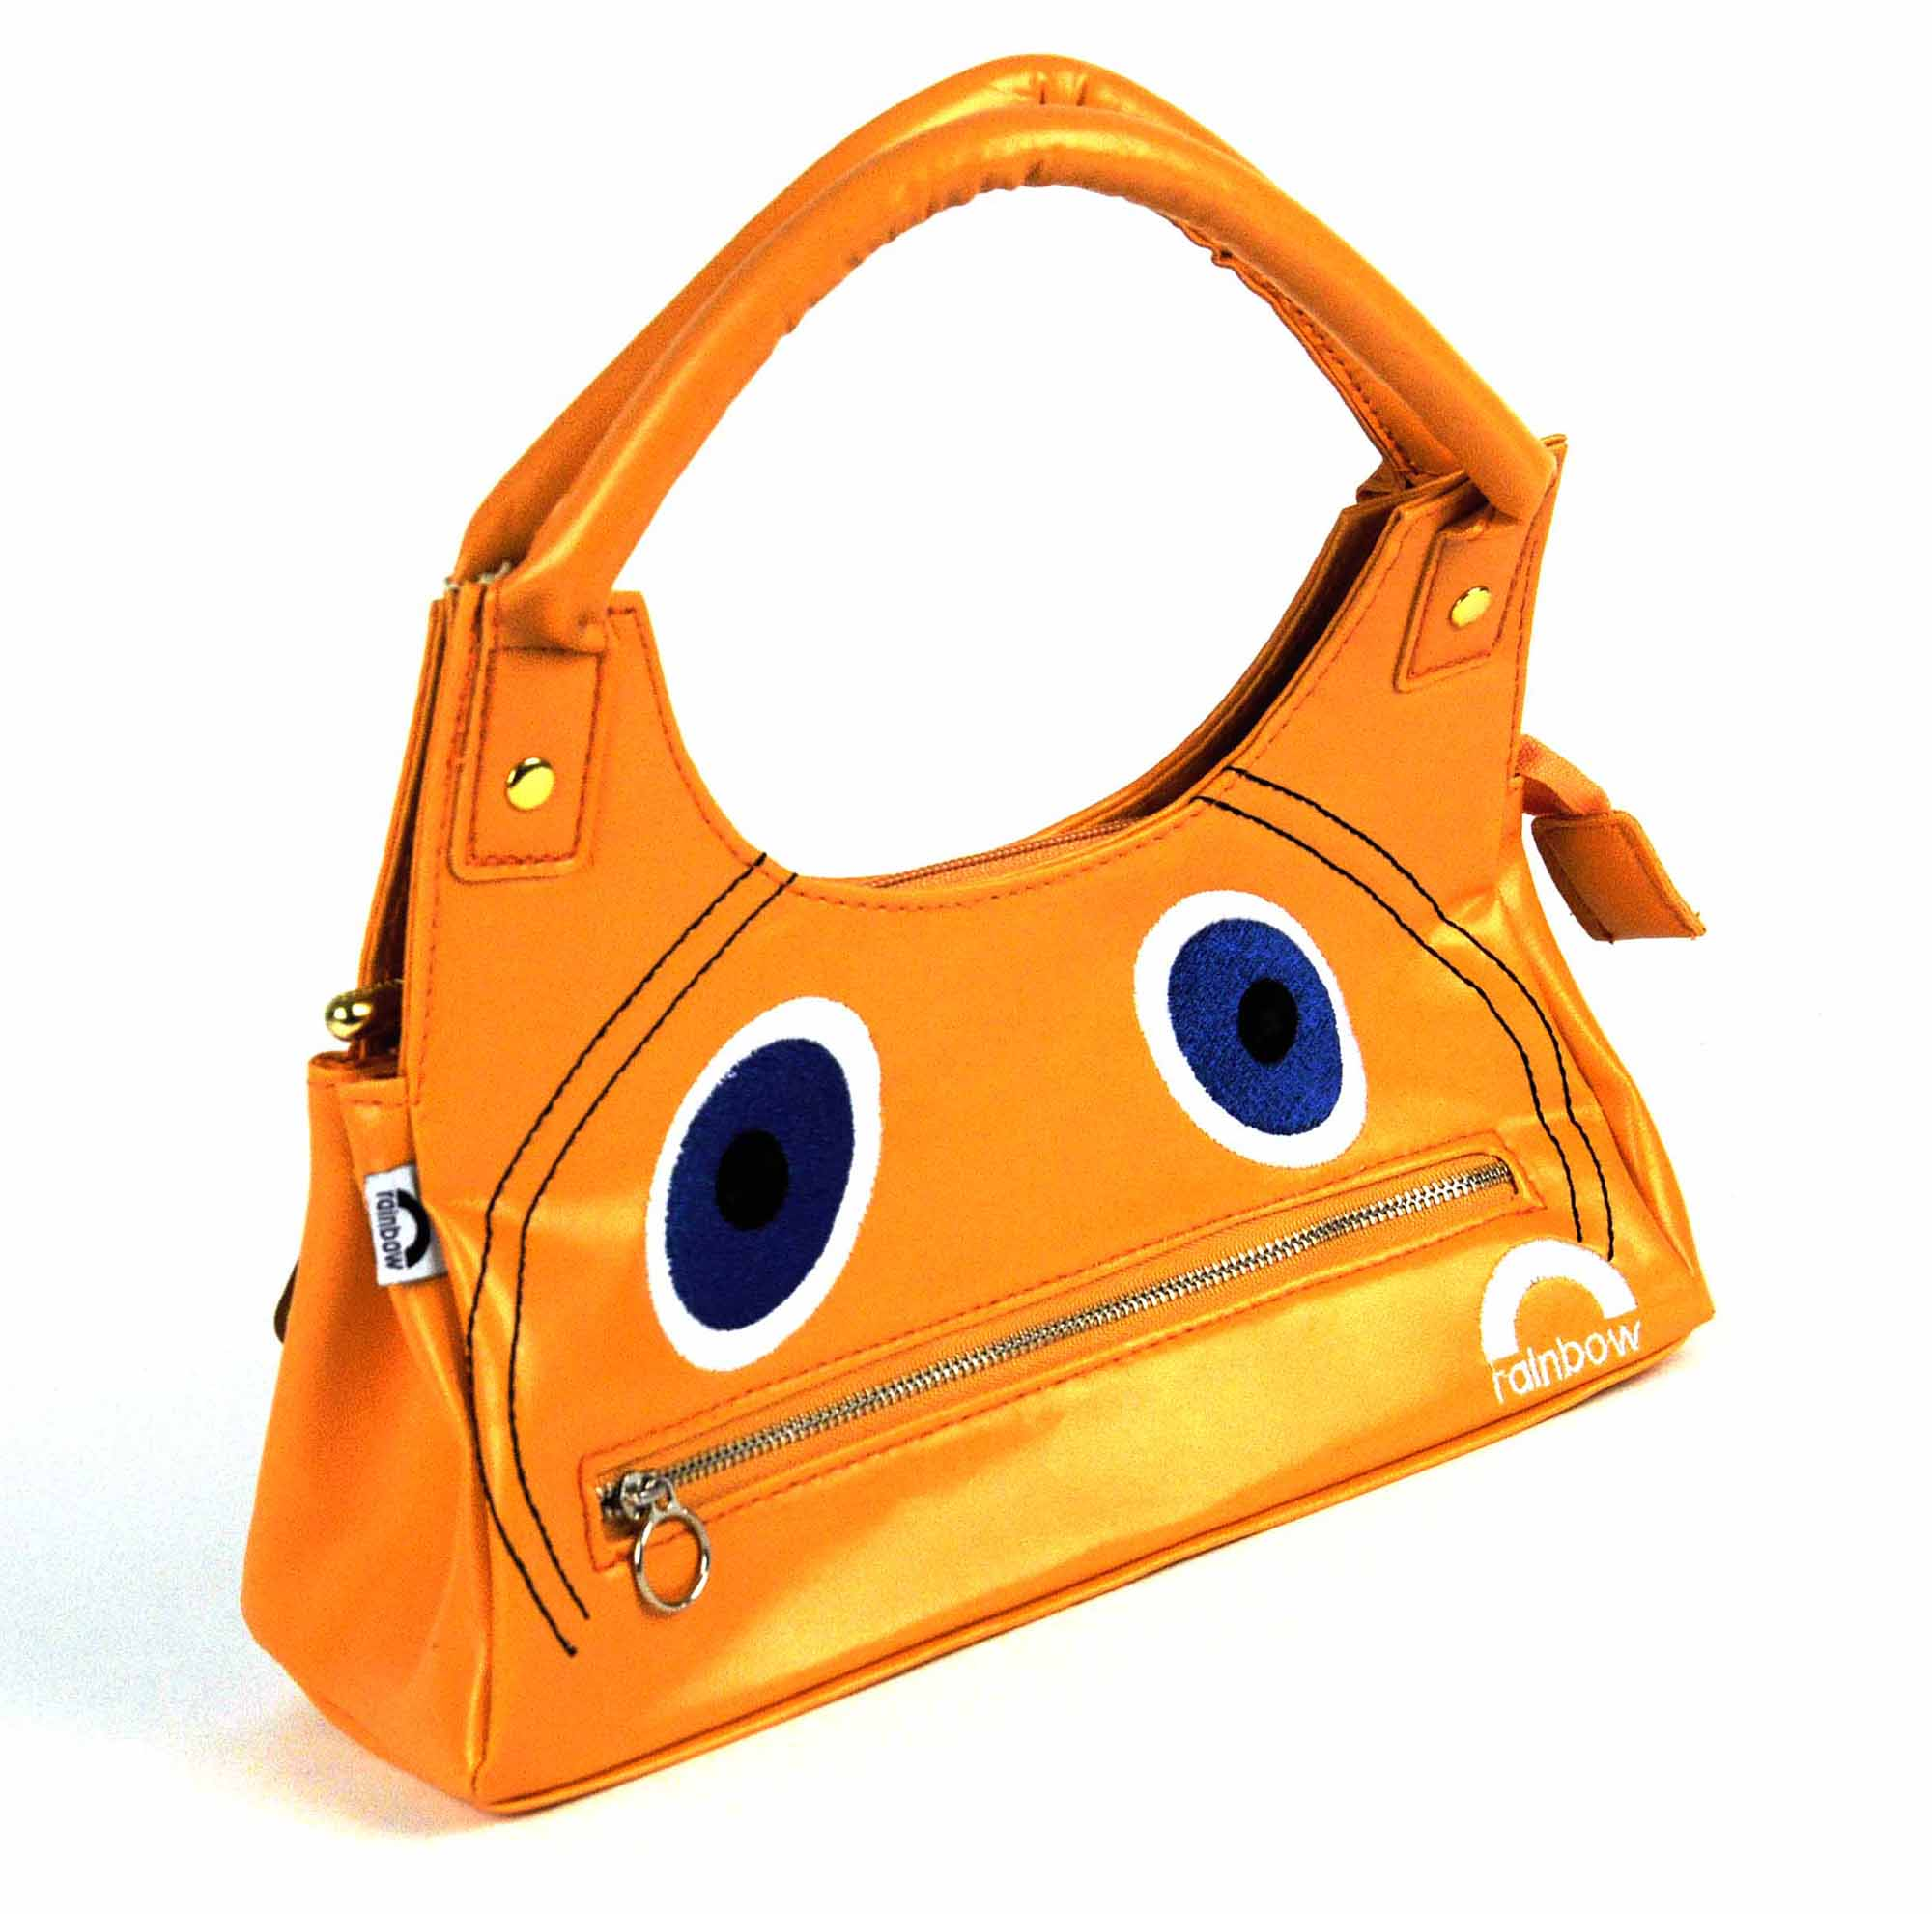 Rainbow Zippy Hand Bag